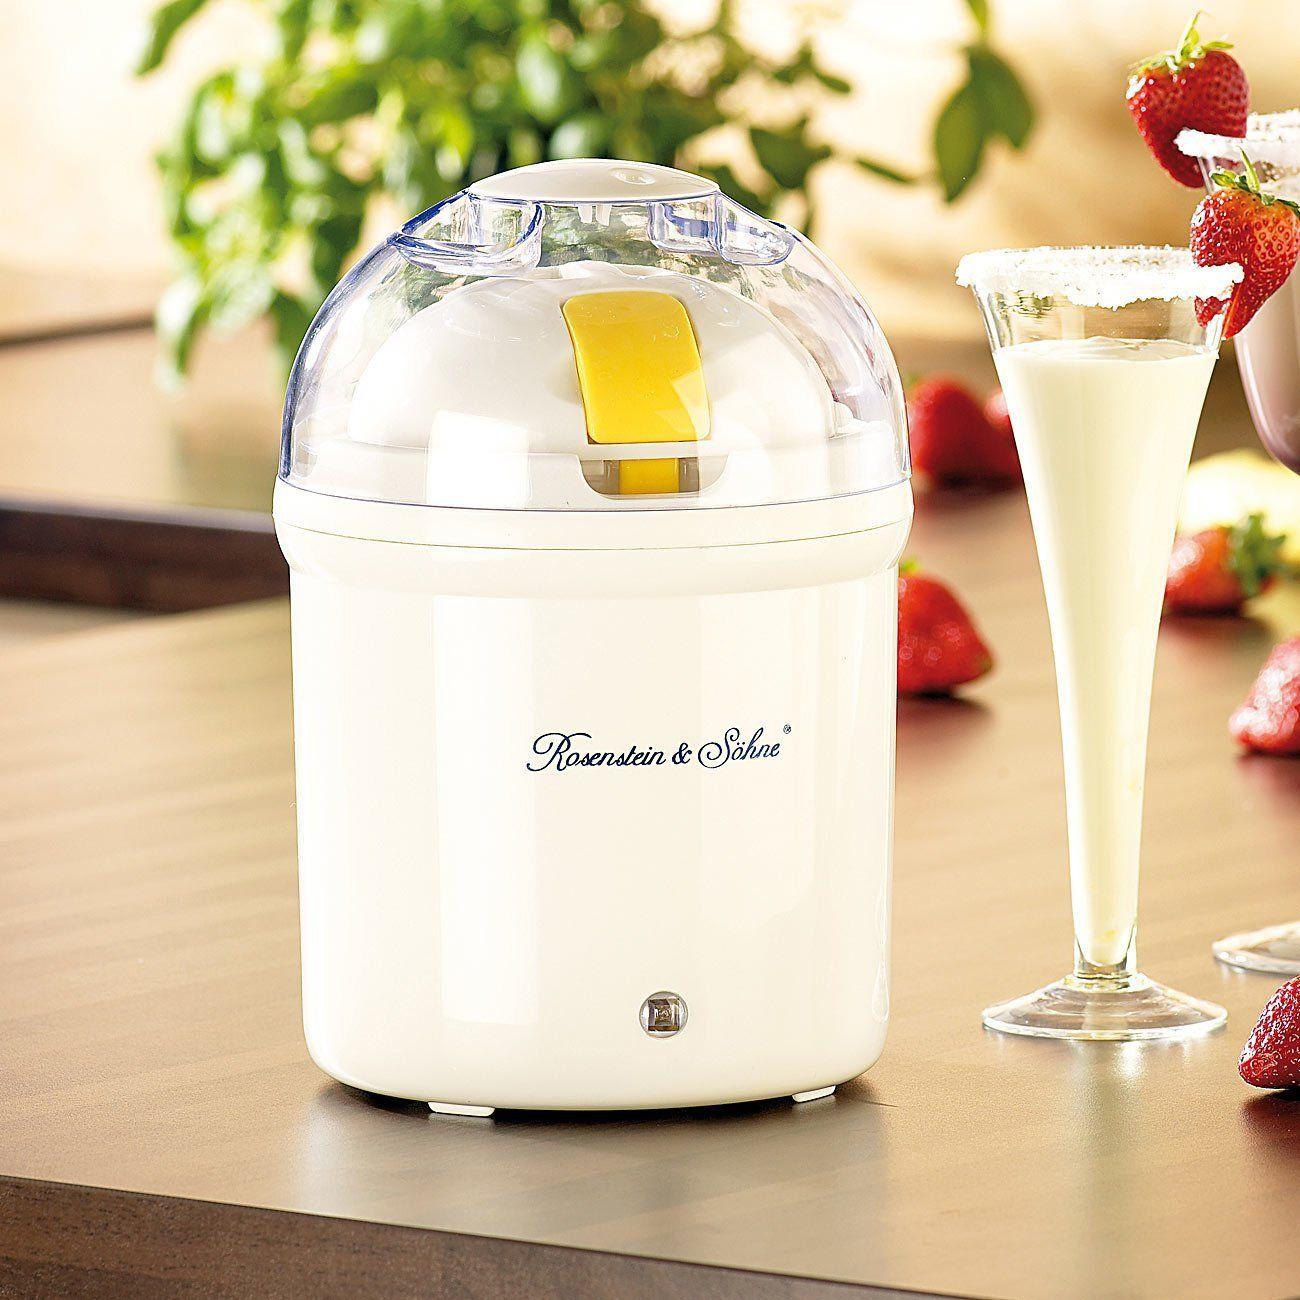 Amazon.de: Rosenstein & Söhne Joghurt-Maker für 1 Liter frischen Joghurt